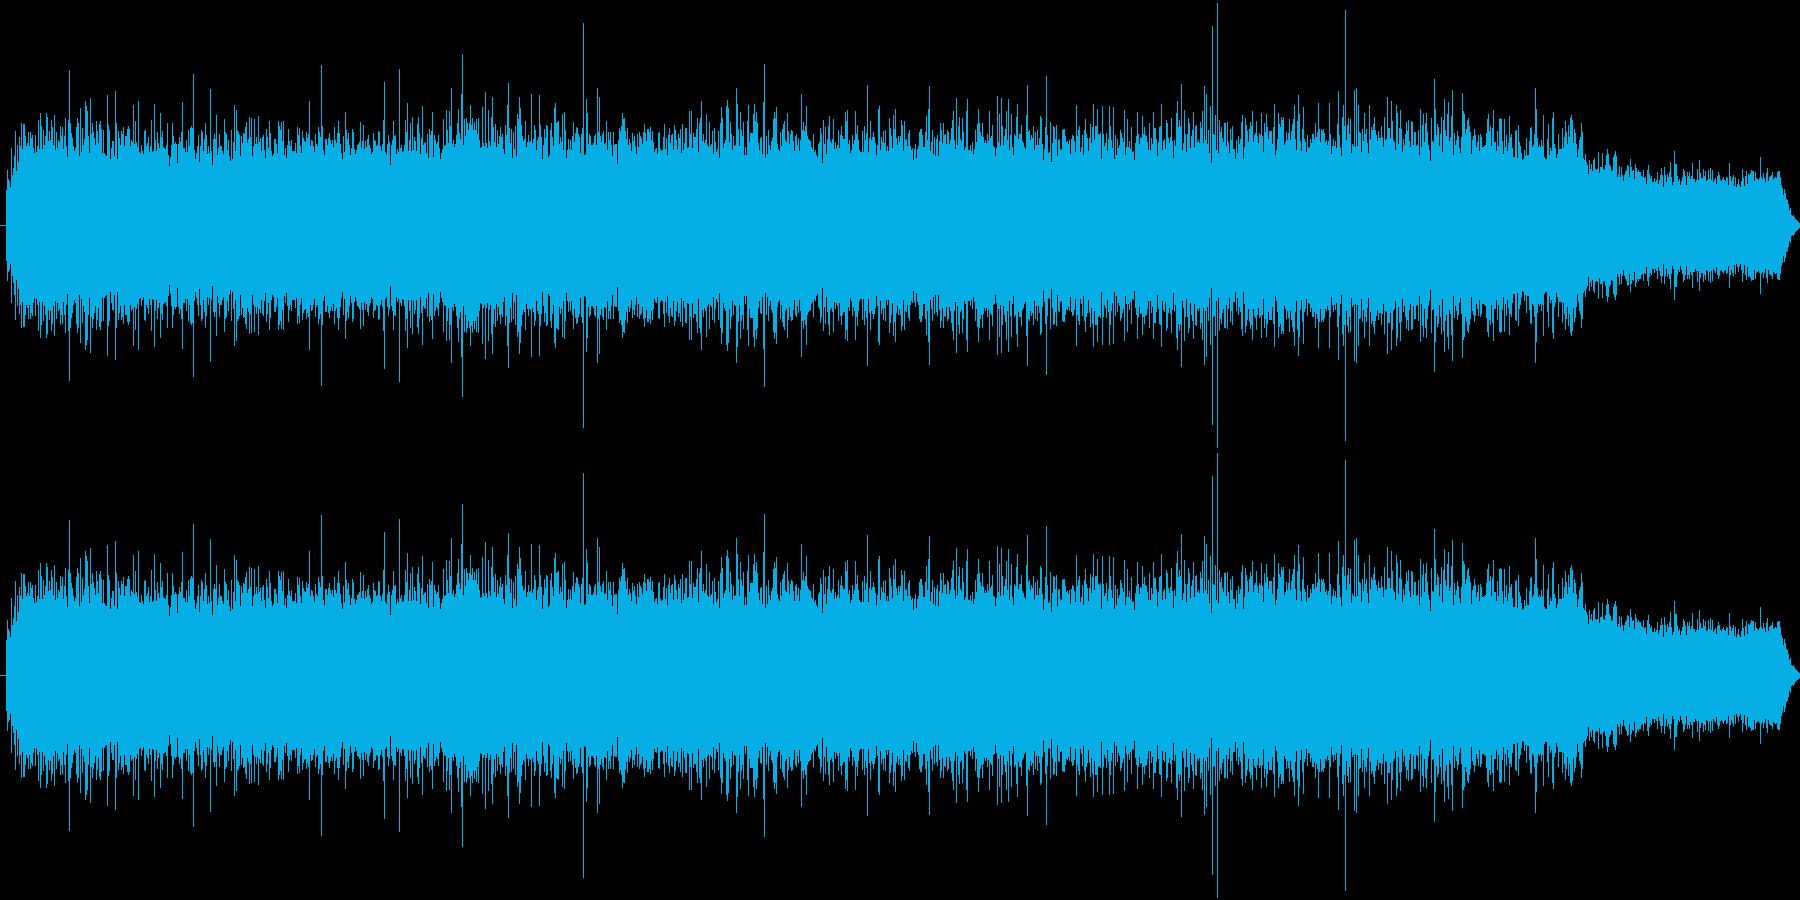 川の水が流れている音の再生済みの波形